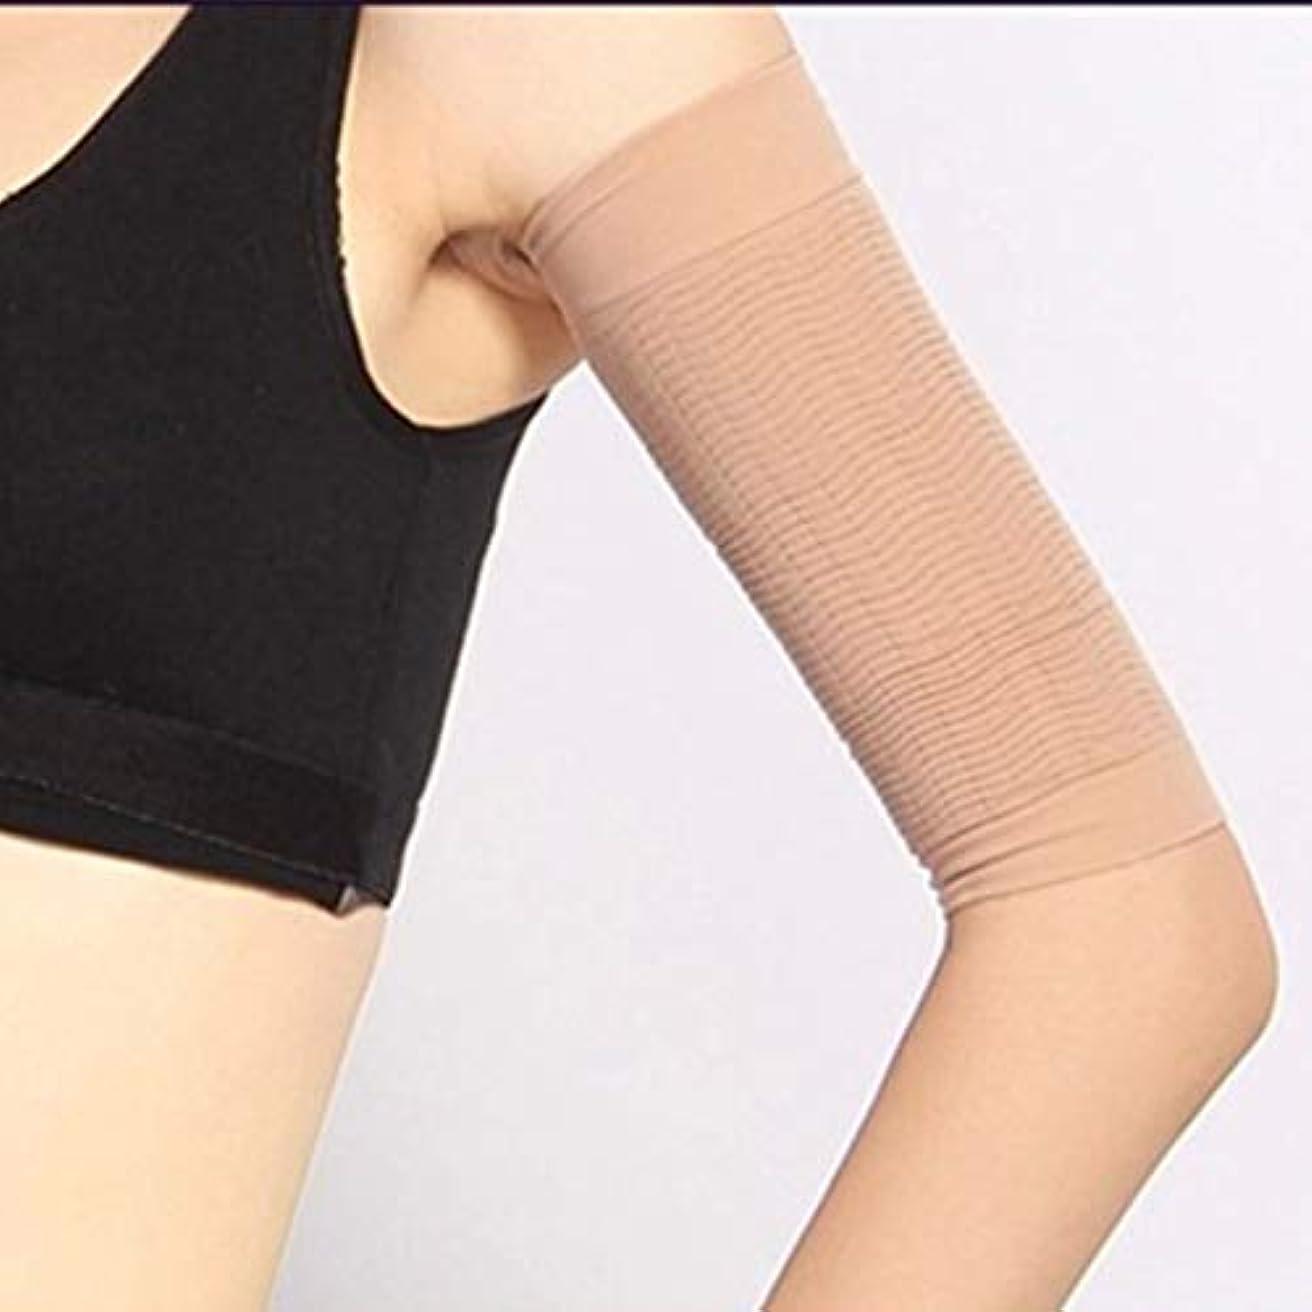 レッスンバズ目的1ペア420 D圧縮痩身アームスリーブワークアウトトーニングバーンセルライトシェイパー脂肪燃焼袖用女性 - 肌色